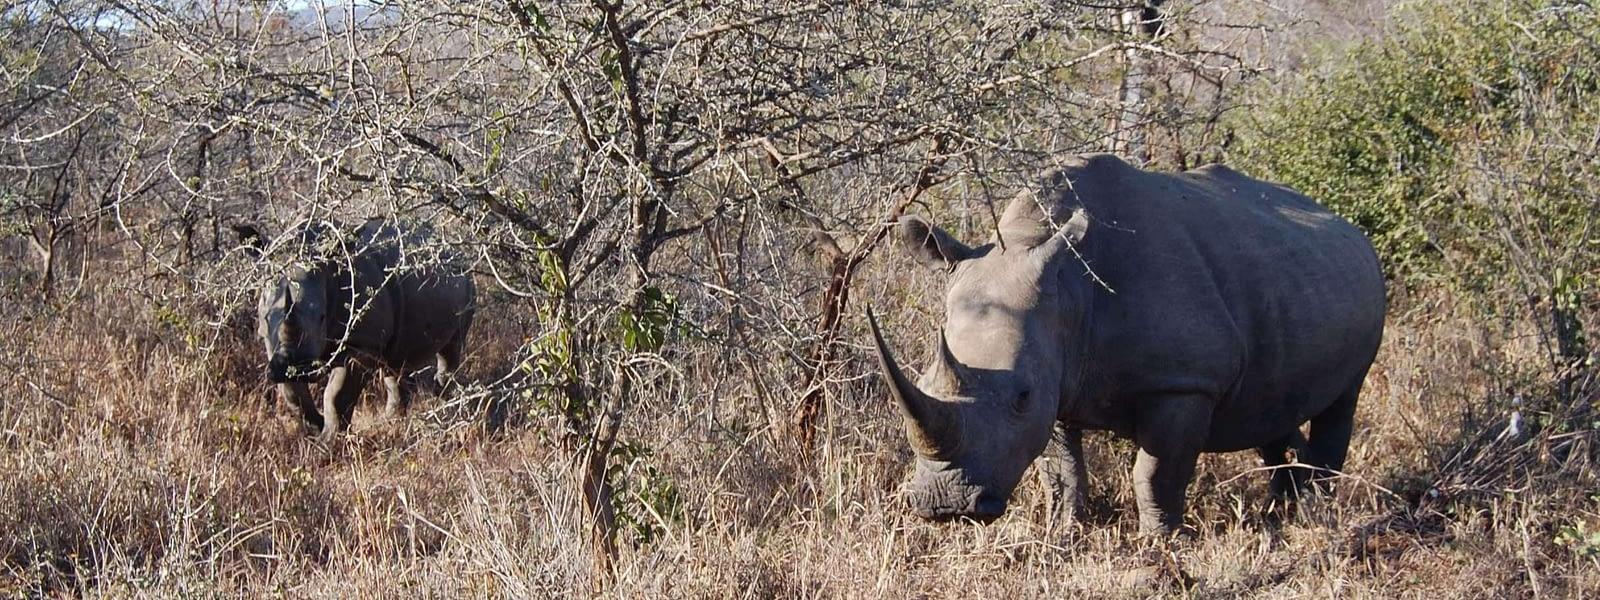 Photo white rhino Hluhluwe - Imfolozi Park